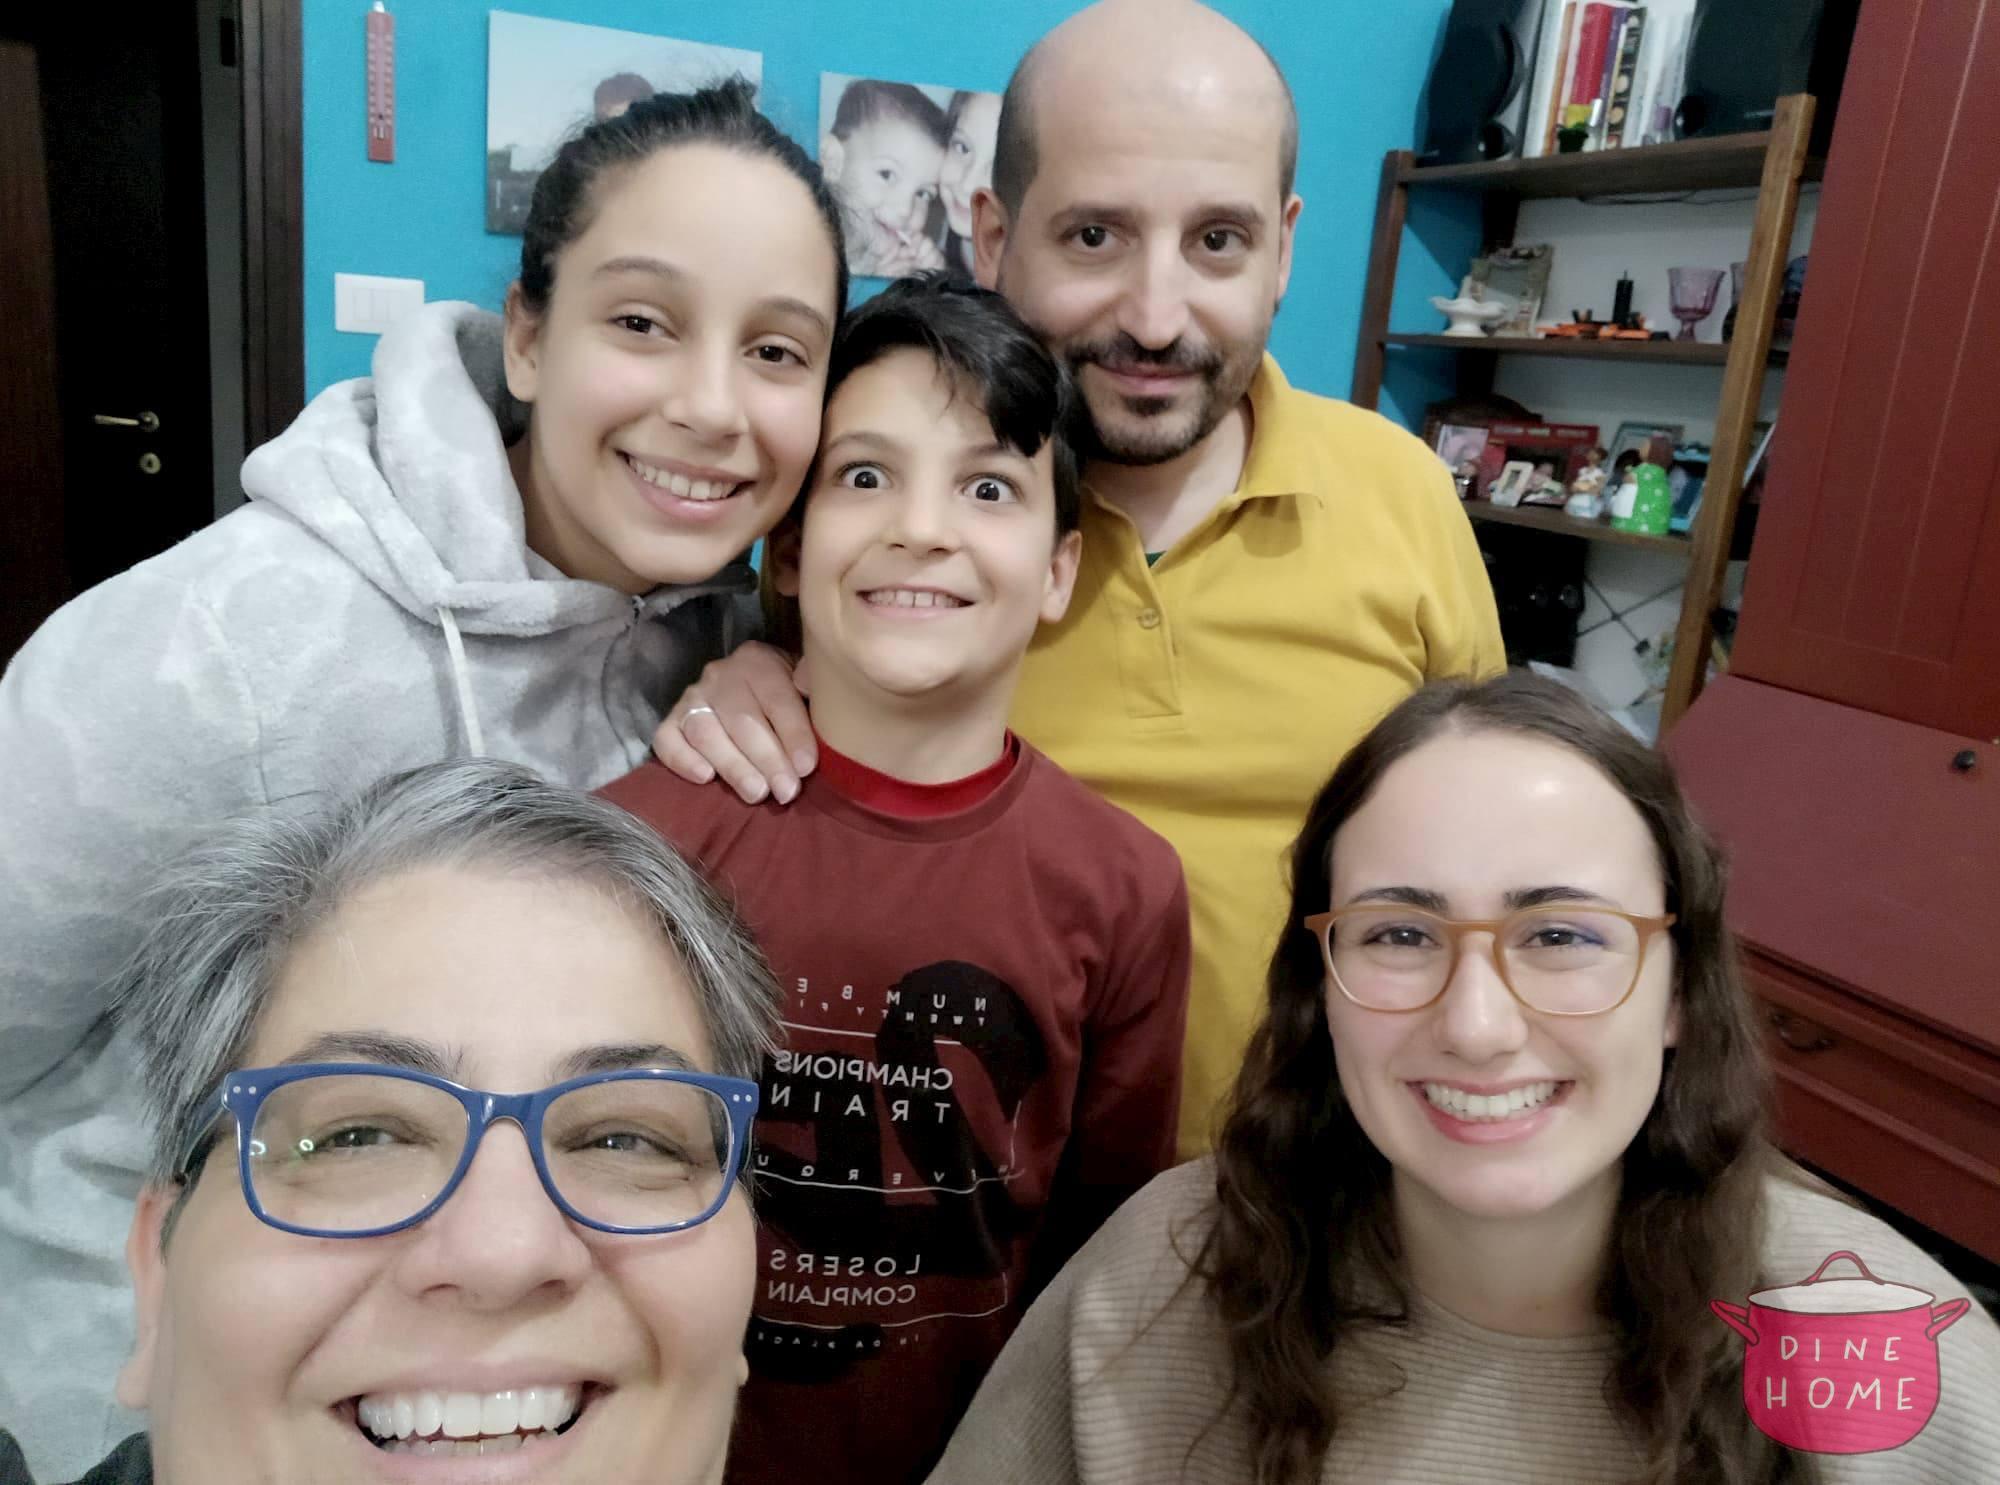 Nu�ria, studentessa Spagnola, a cena dalla sua famiglia Dinehome.